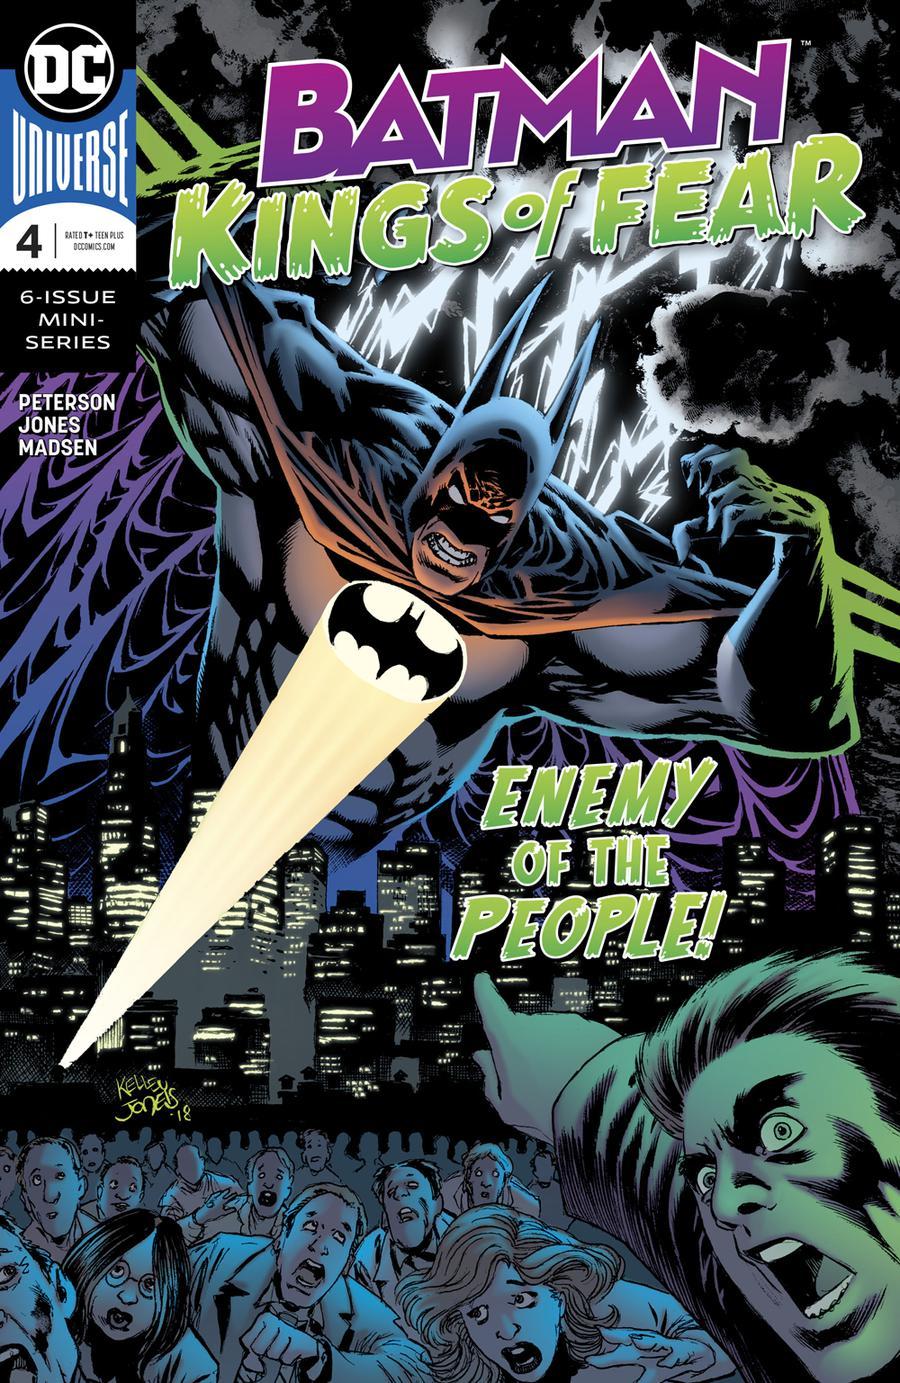 Batman Kings Of Fear #4